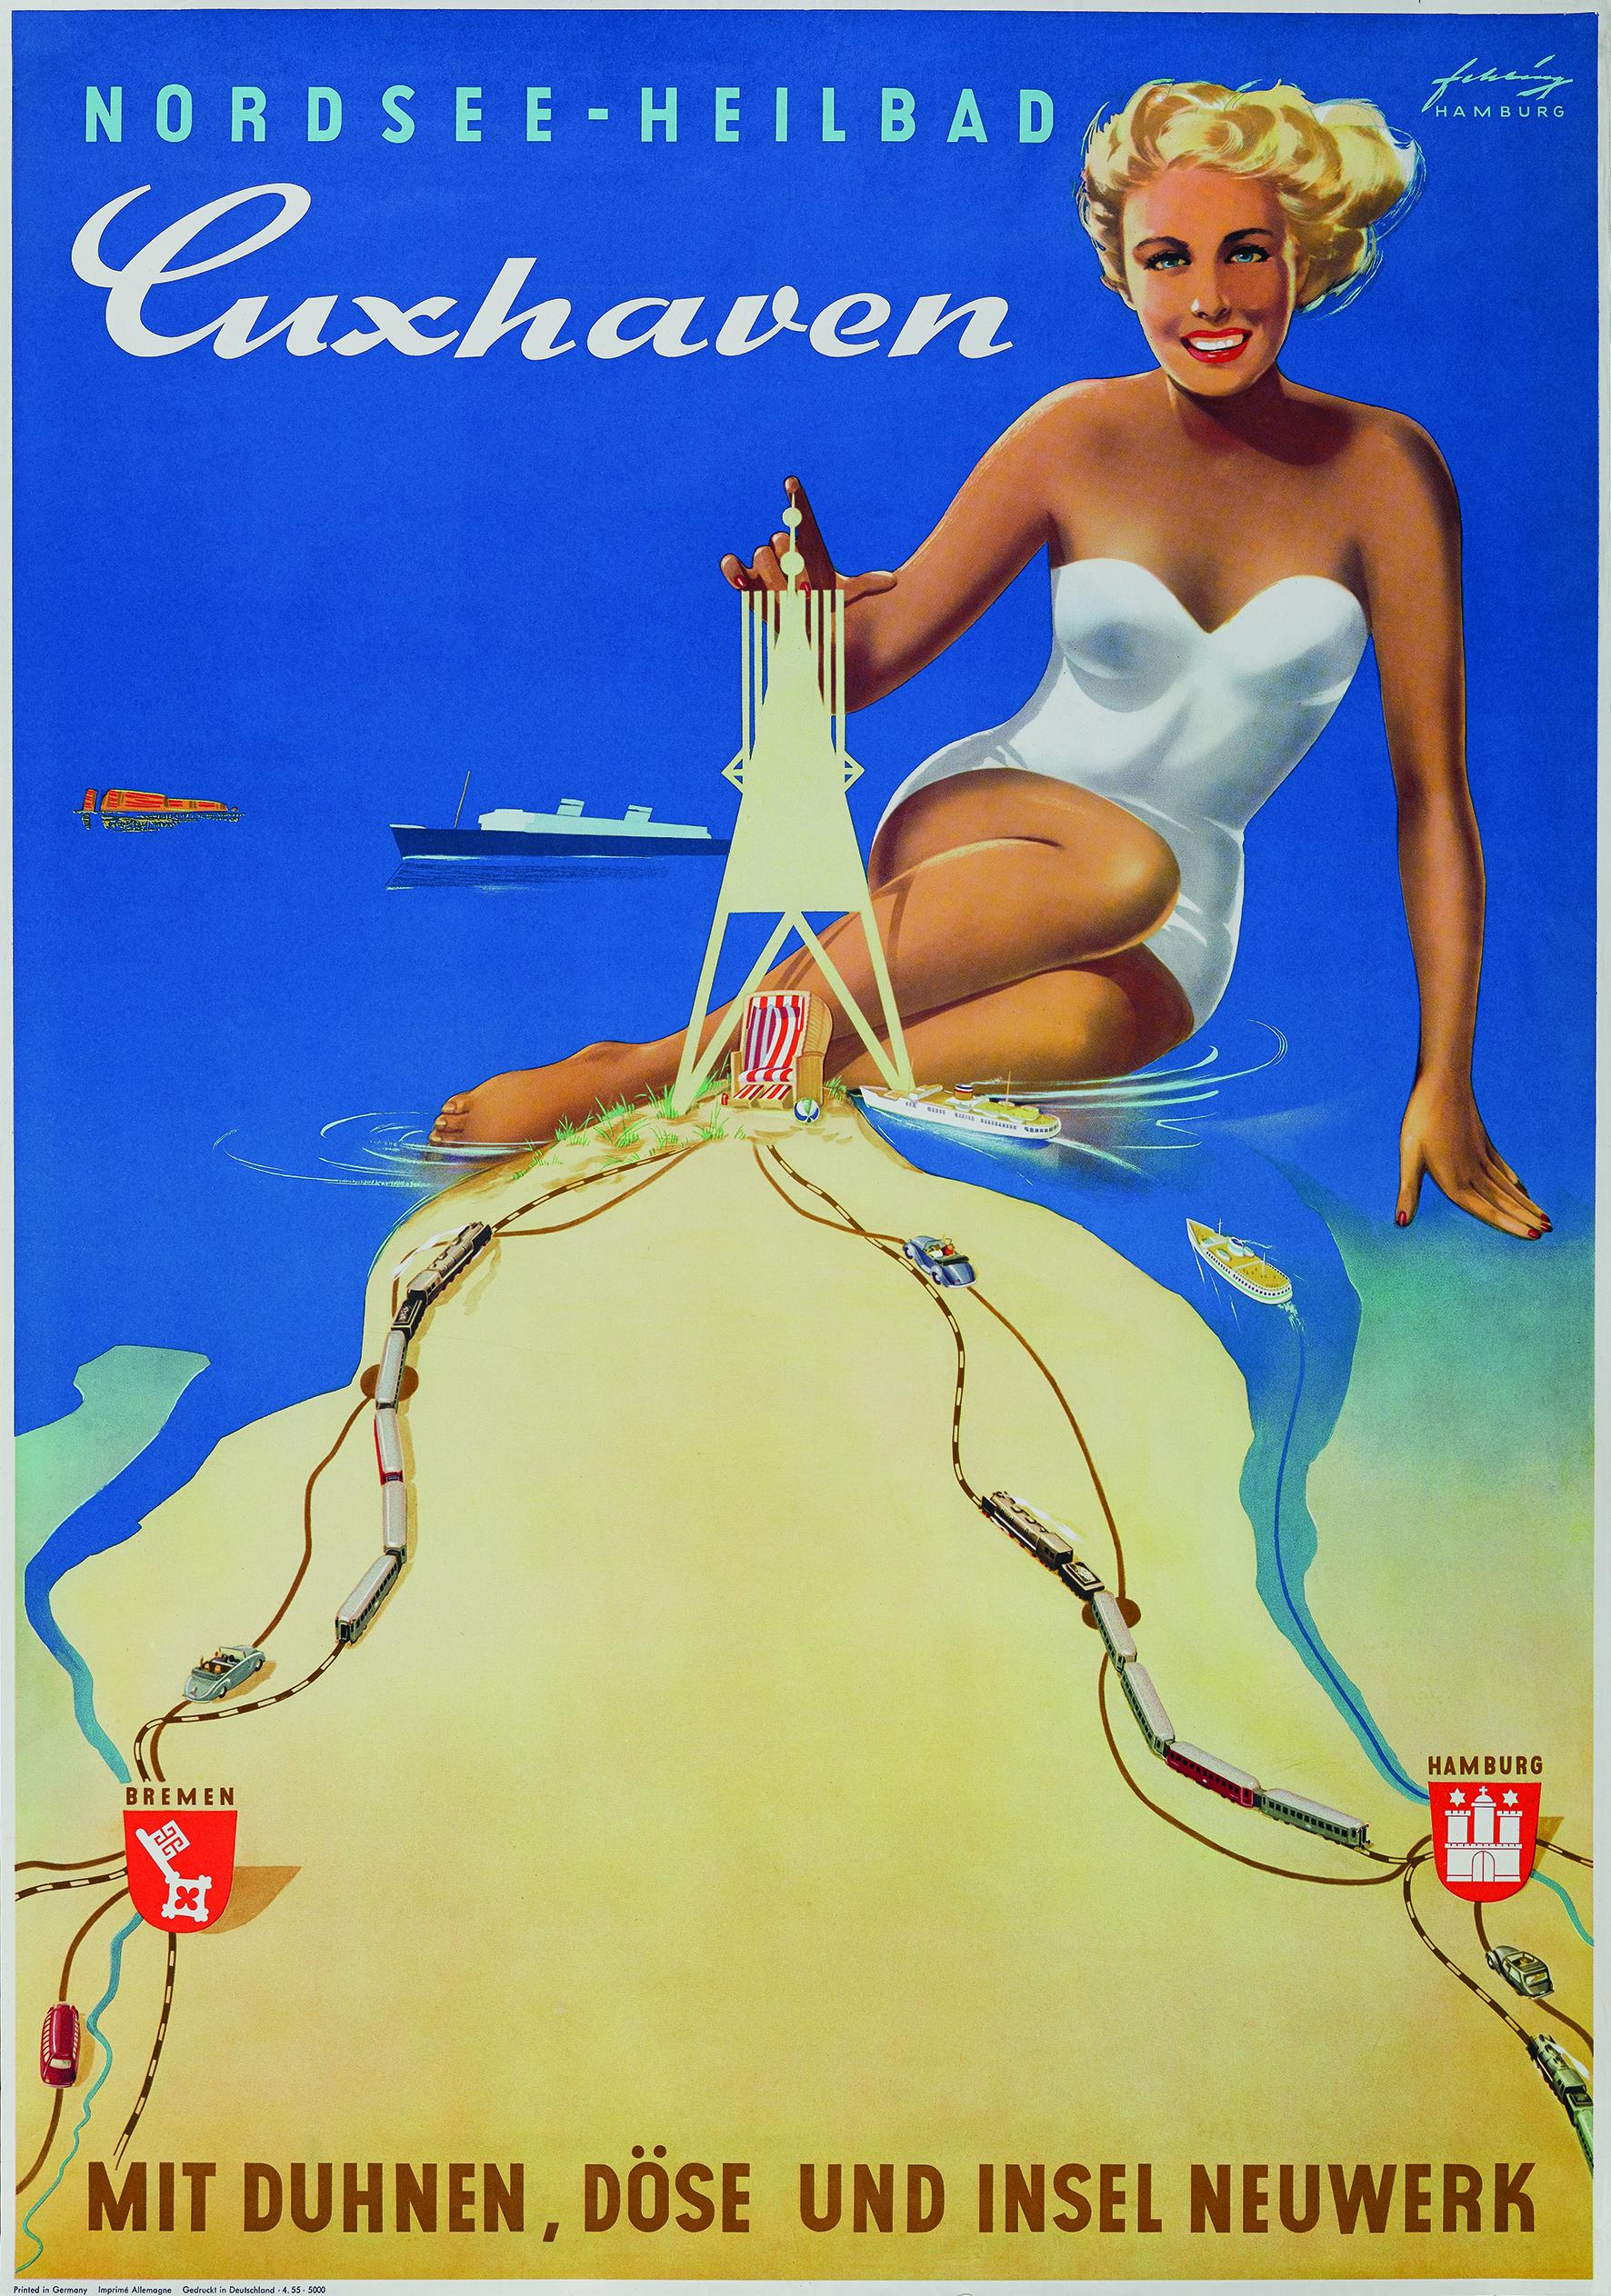 CUXHAVENs schönste Seiten - Tourismuswerbung in der 200-jährigen Geschichte des Seebades